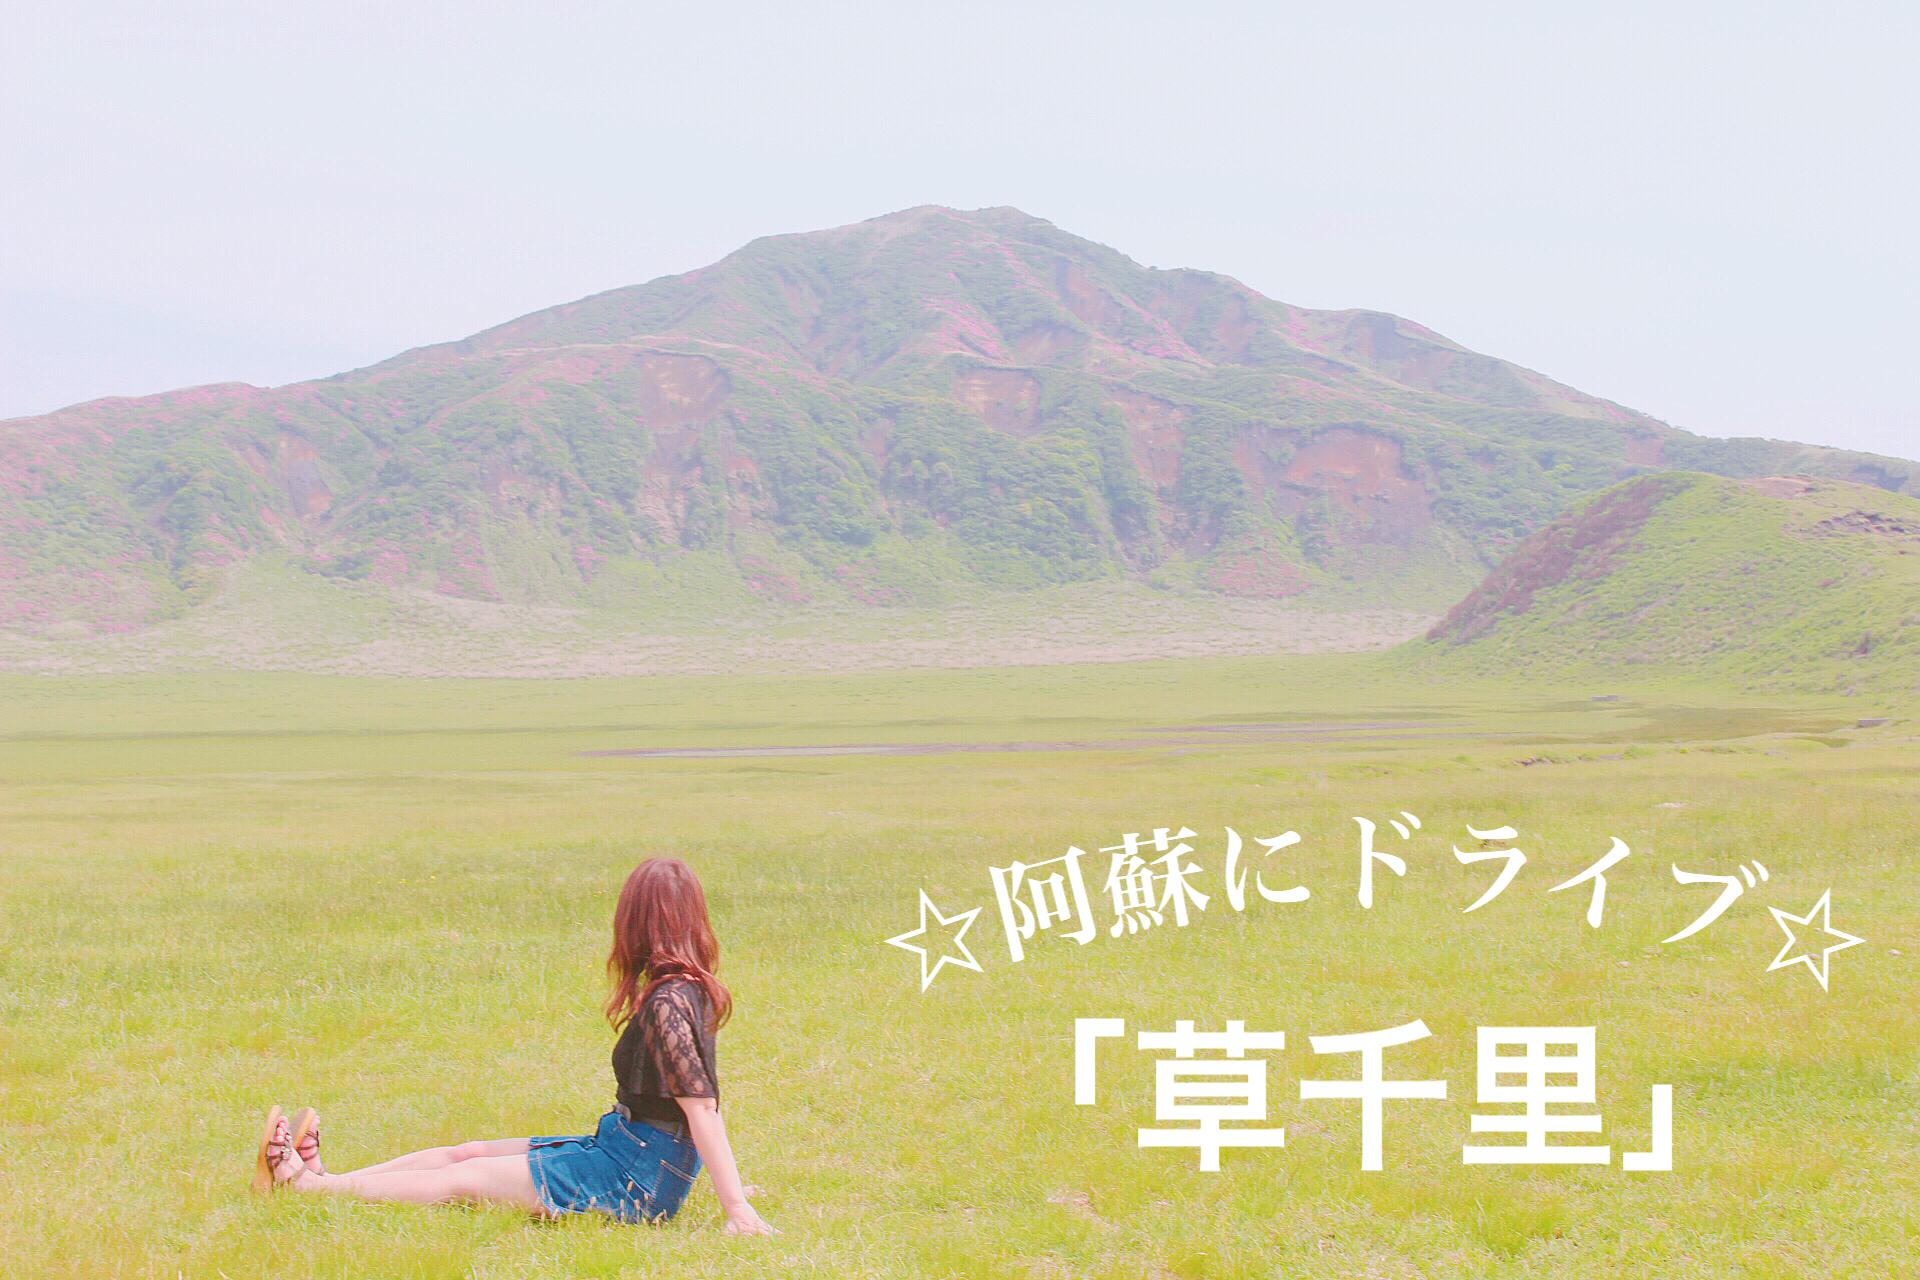 【草千里】阿蘇でランチに乗馬。阿蘇の絶景を見にドライブ行こ!